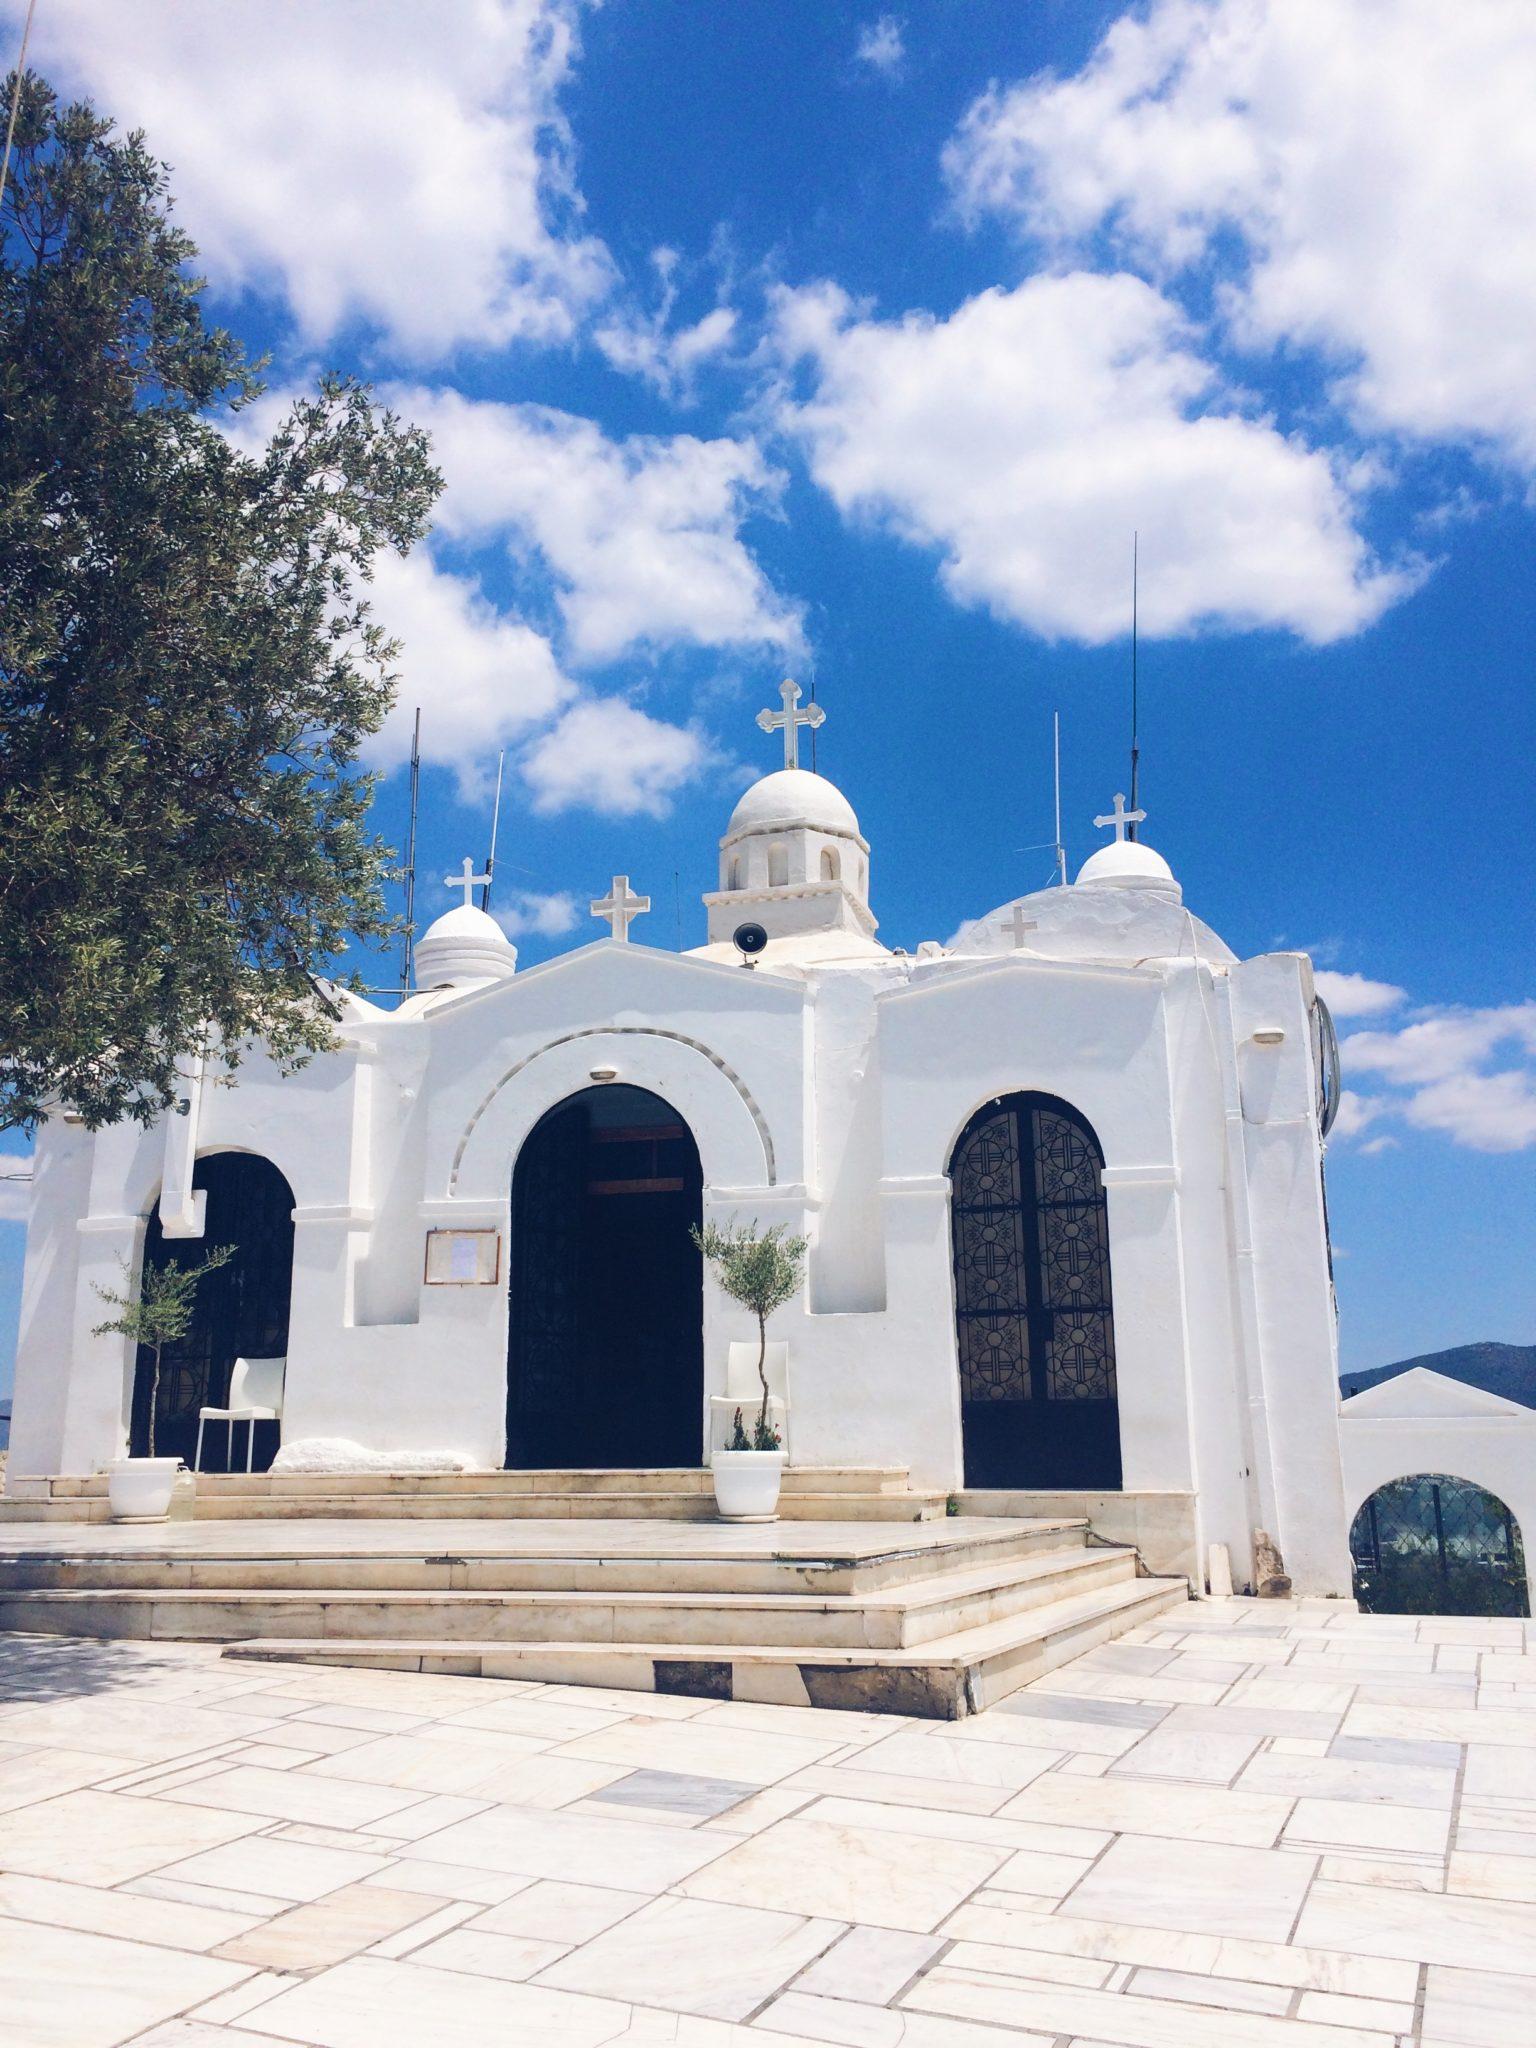 Kaplica św. Jerzego, Ateny, wzgórze Likavitos